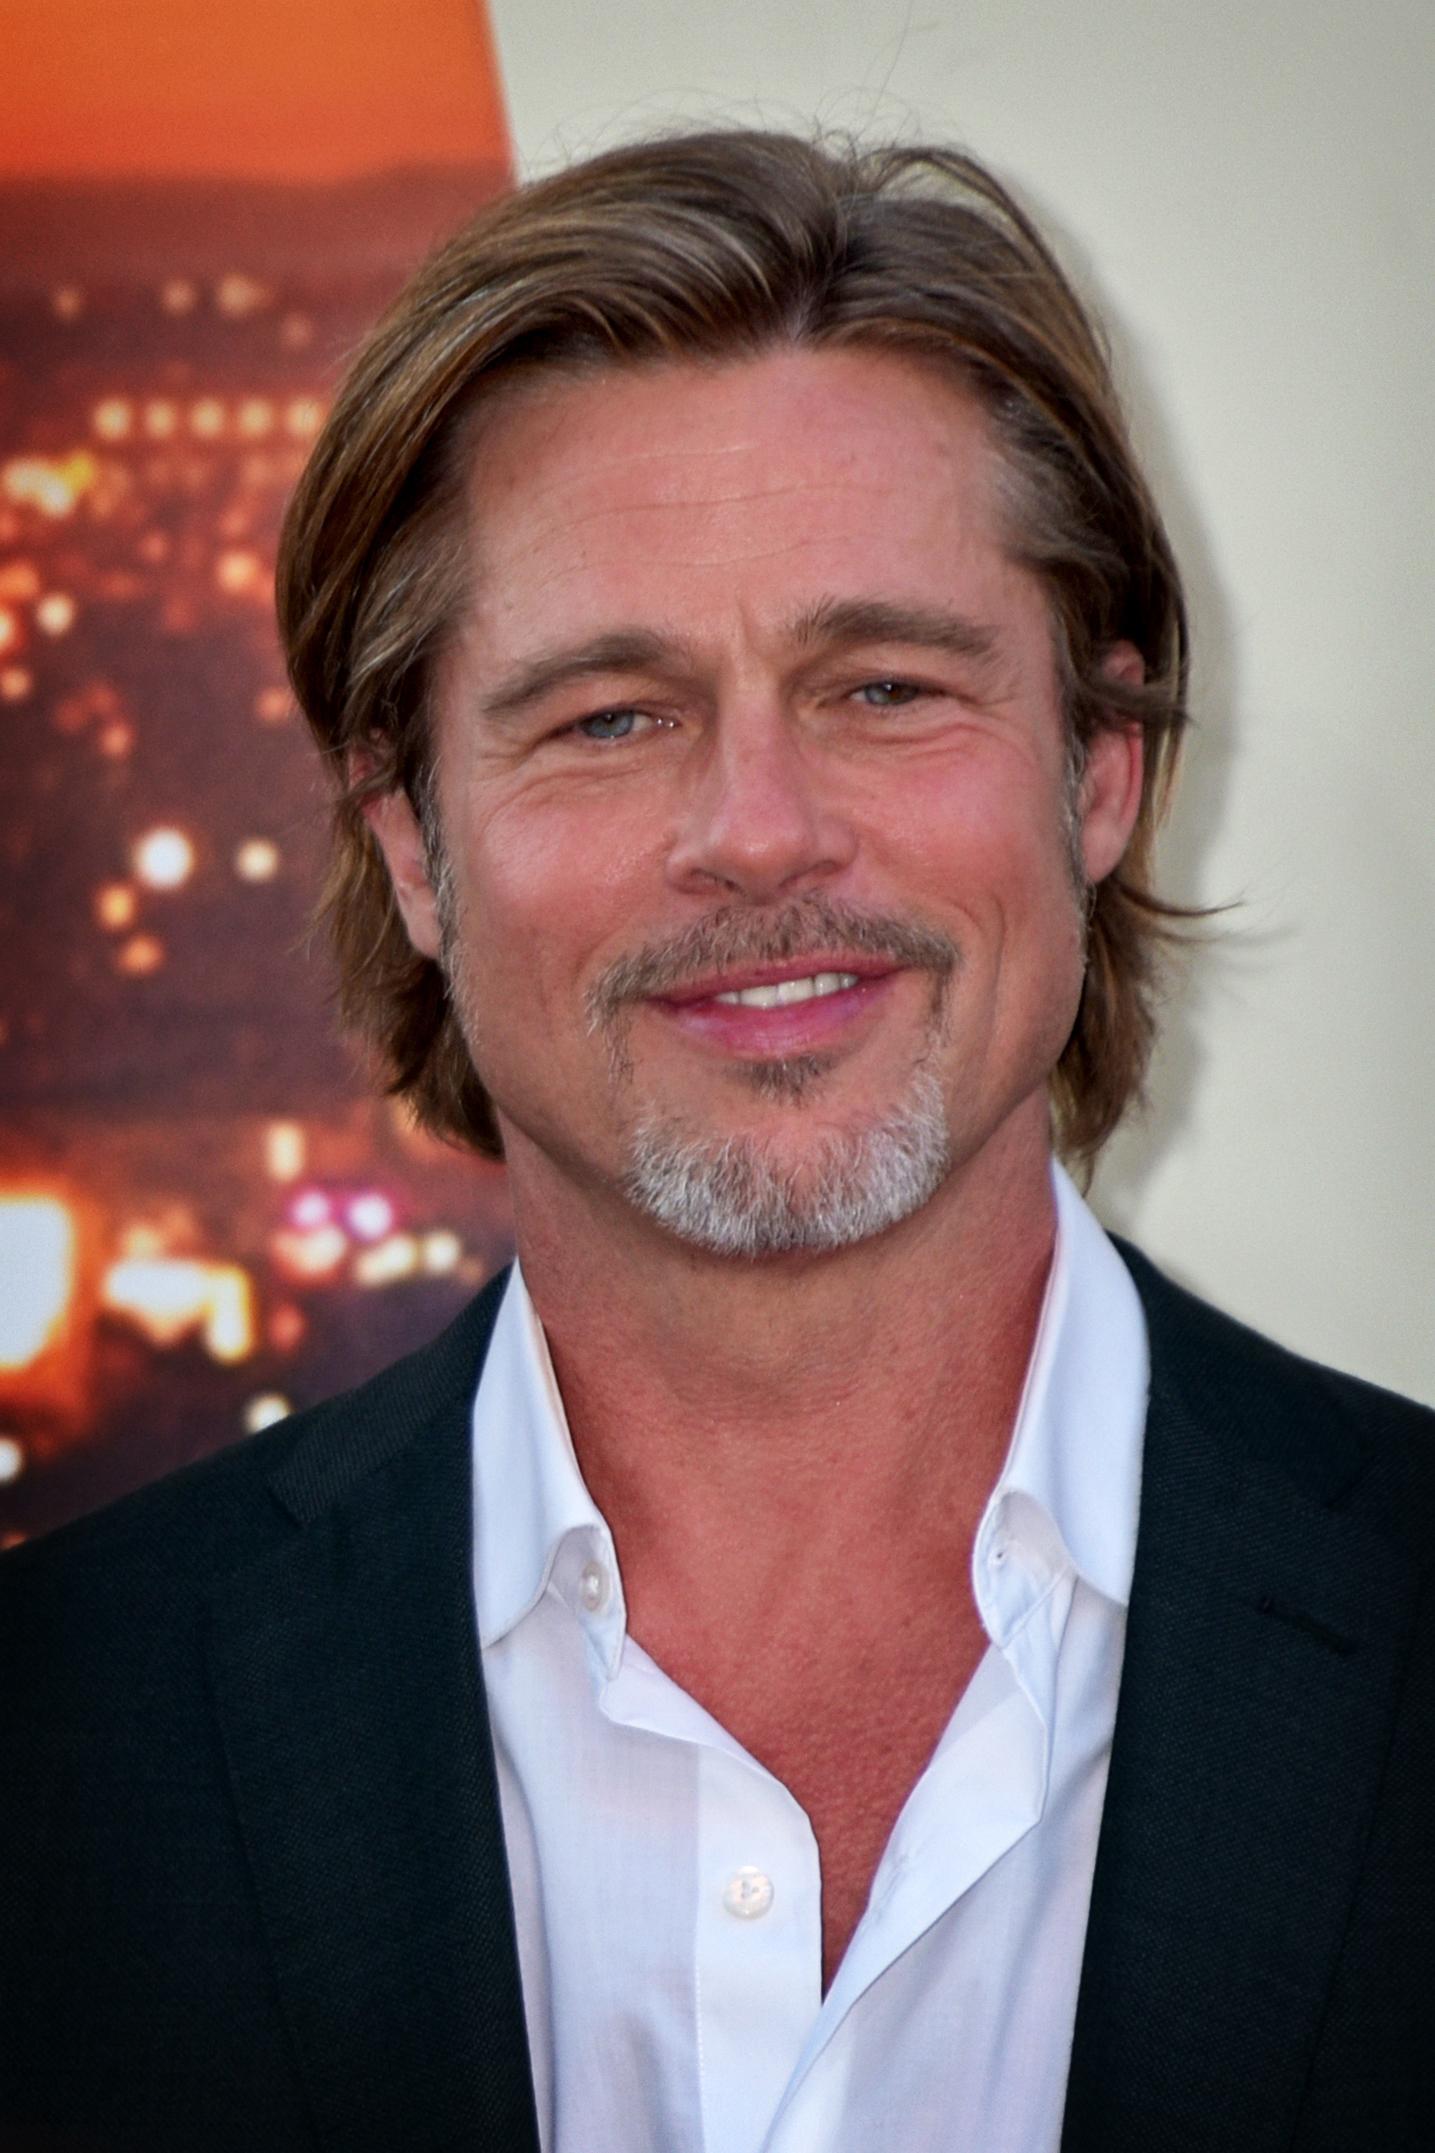 Veja o que saiu no Migalhas sobre Brad Pitt